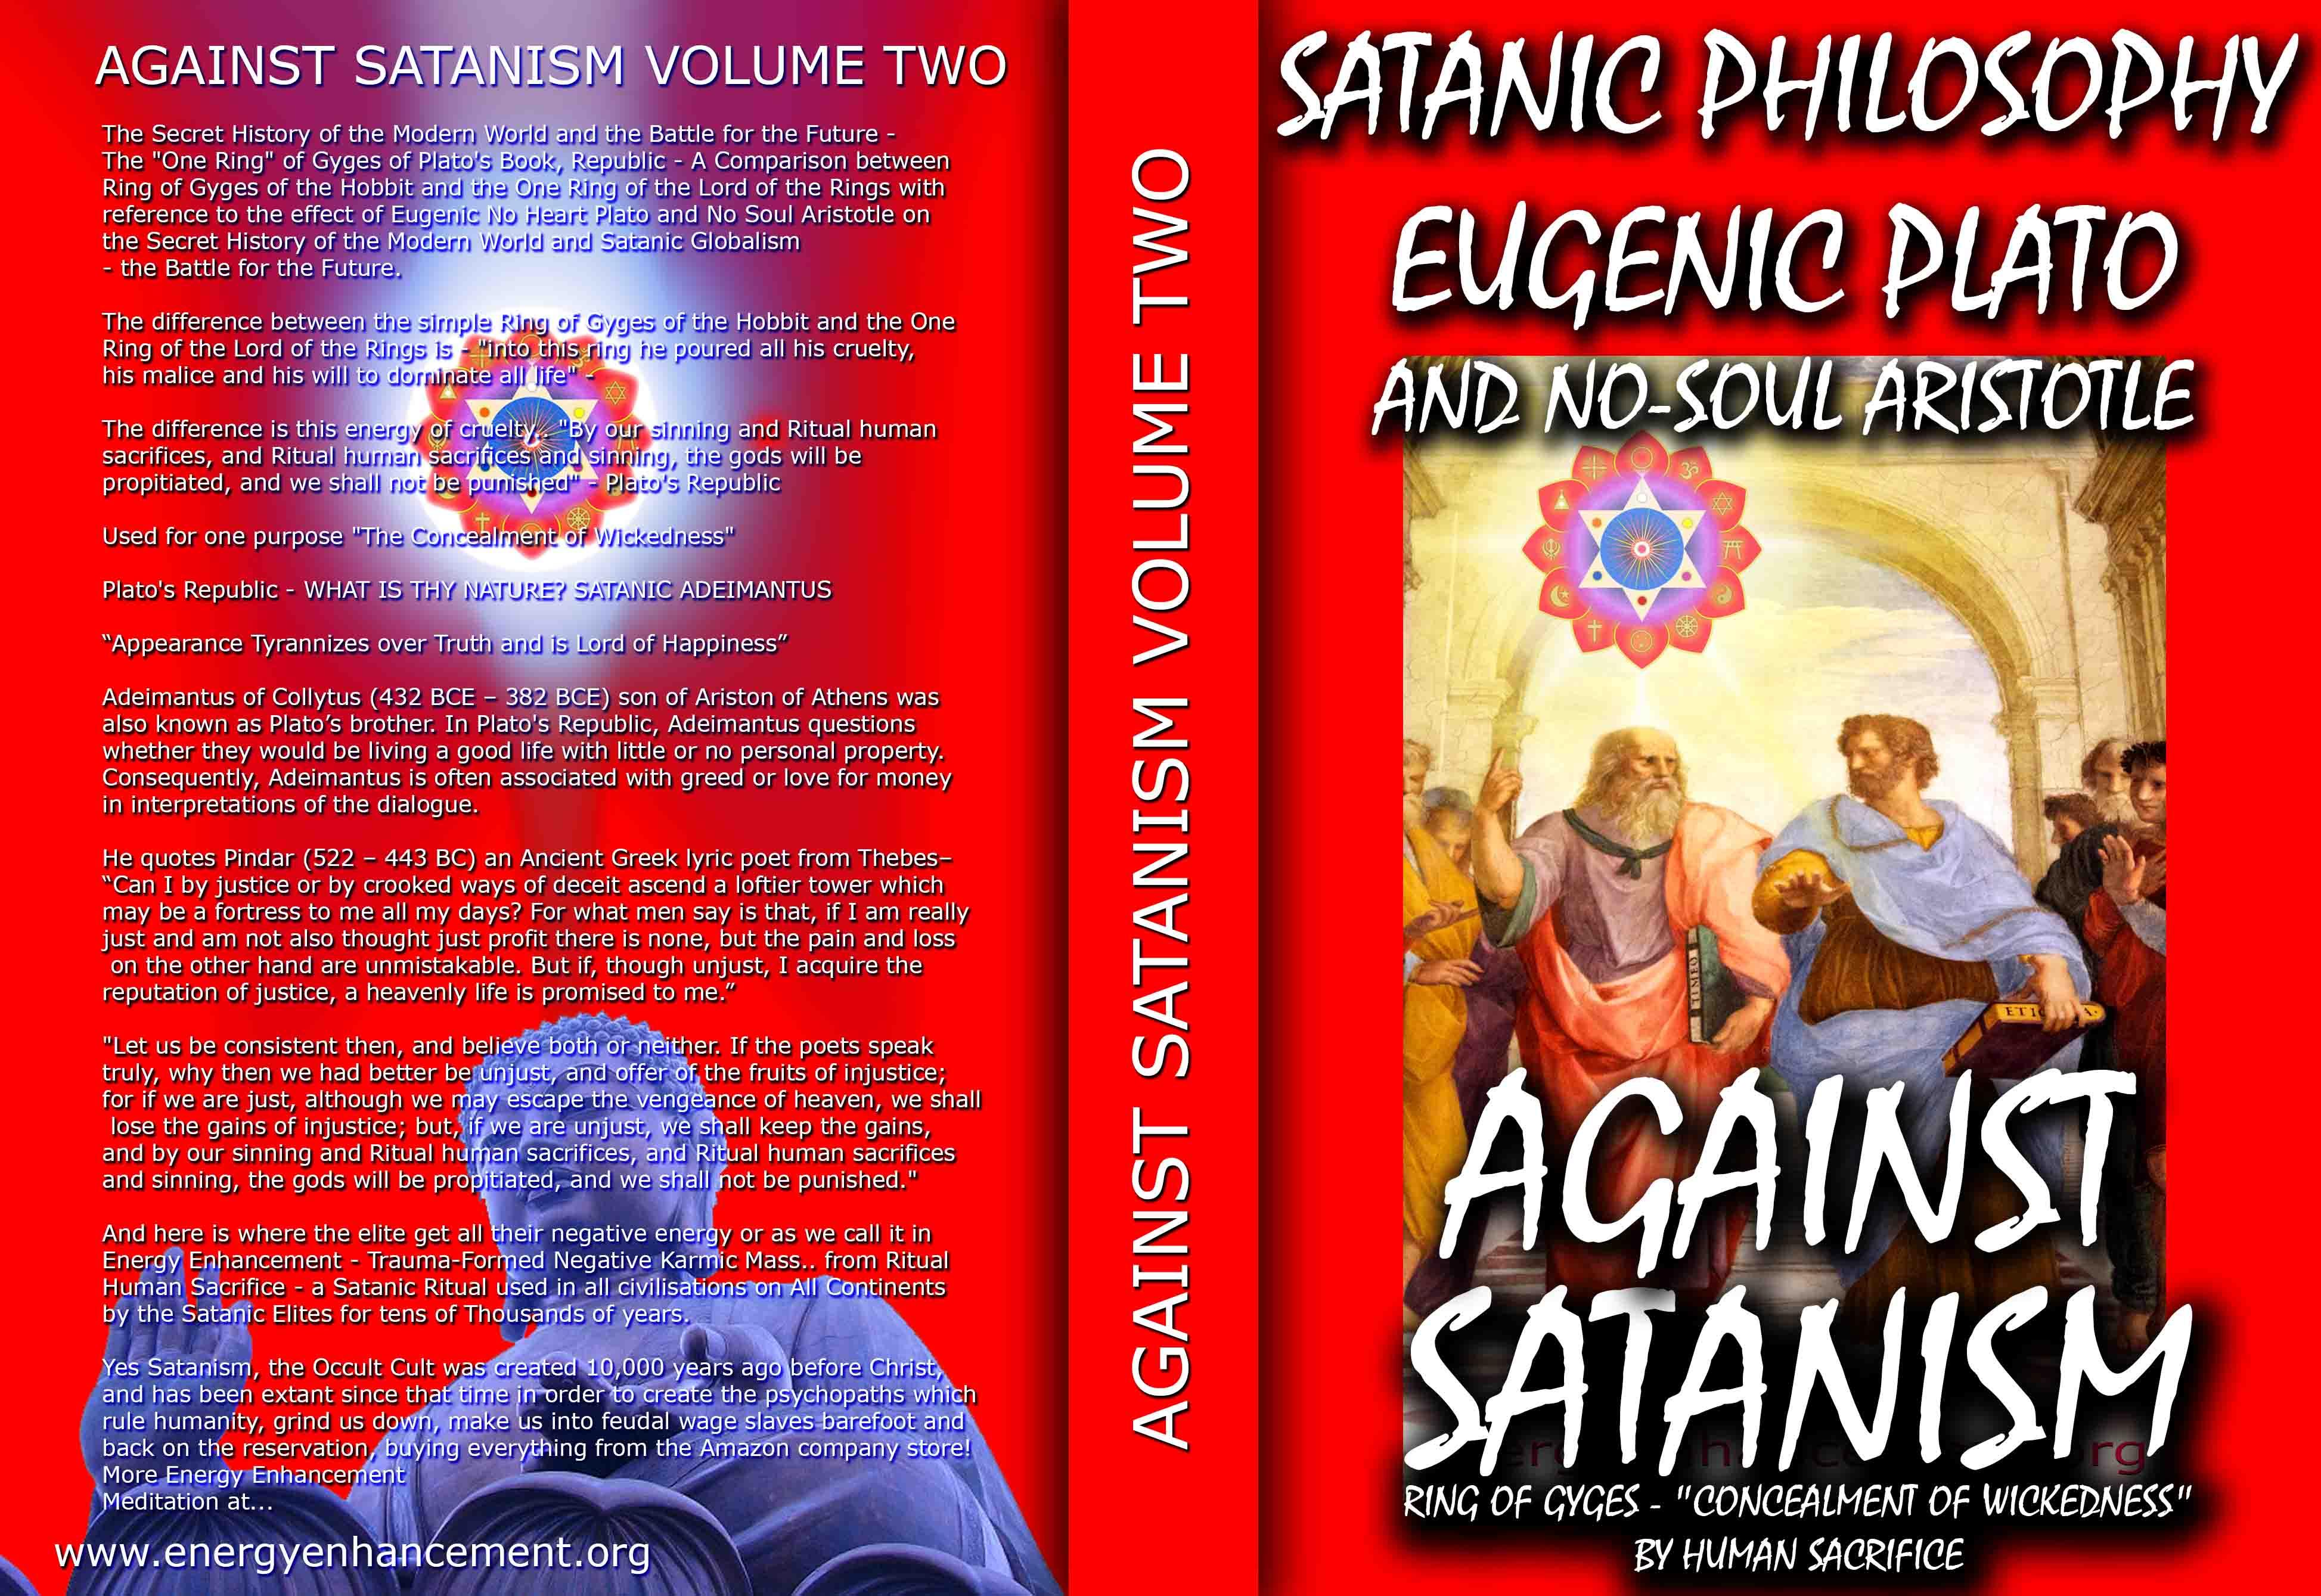 Description: Description: C:\wnew\Sacred-Energy\Against-Satanism-Volume-2\Satanism-Book-Vol-2-final.jpg